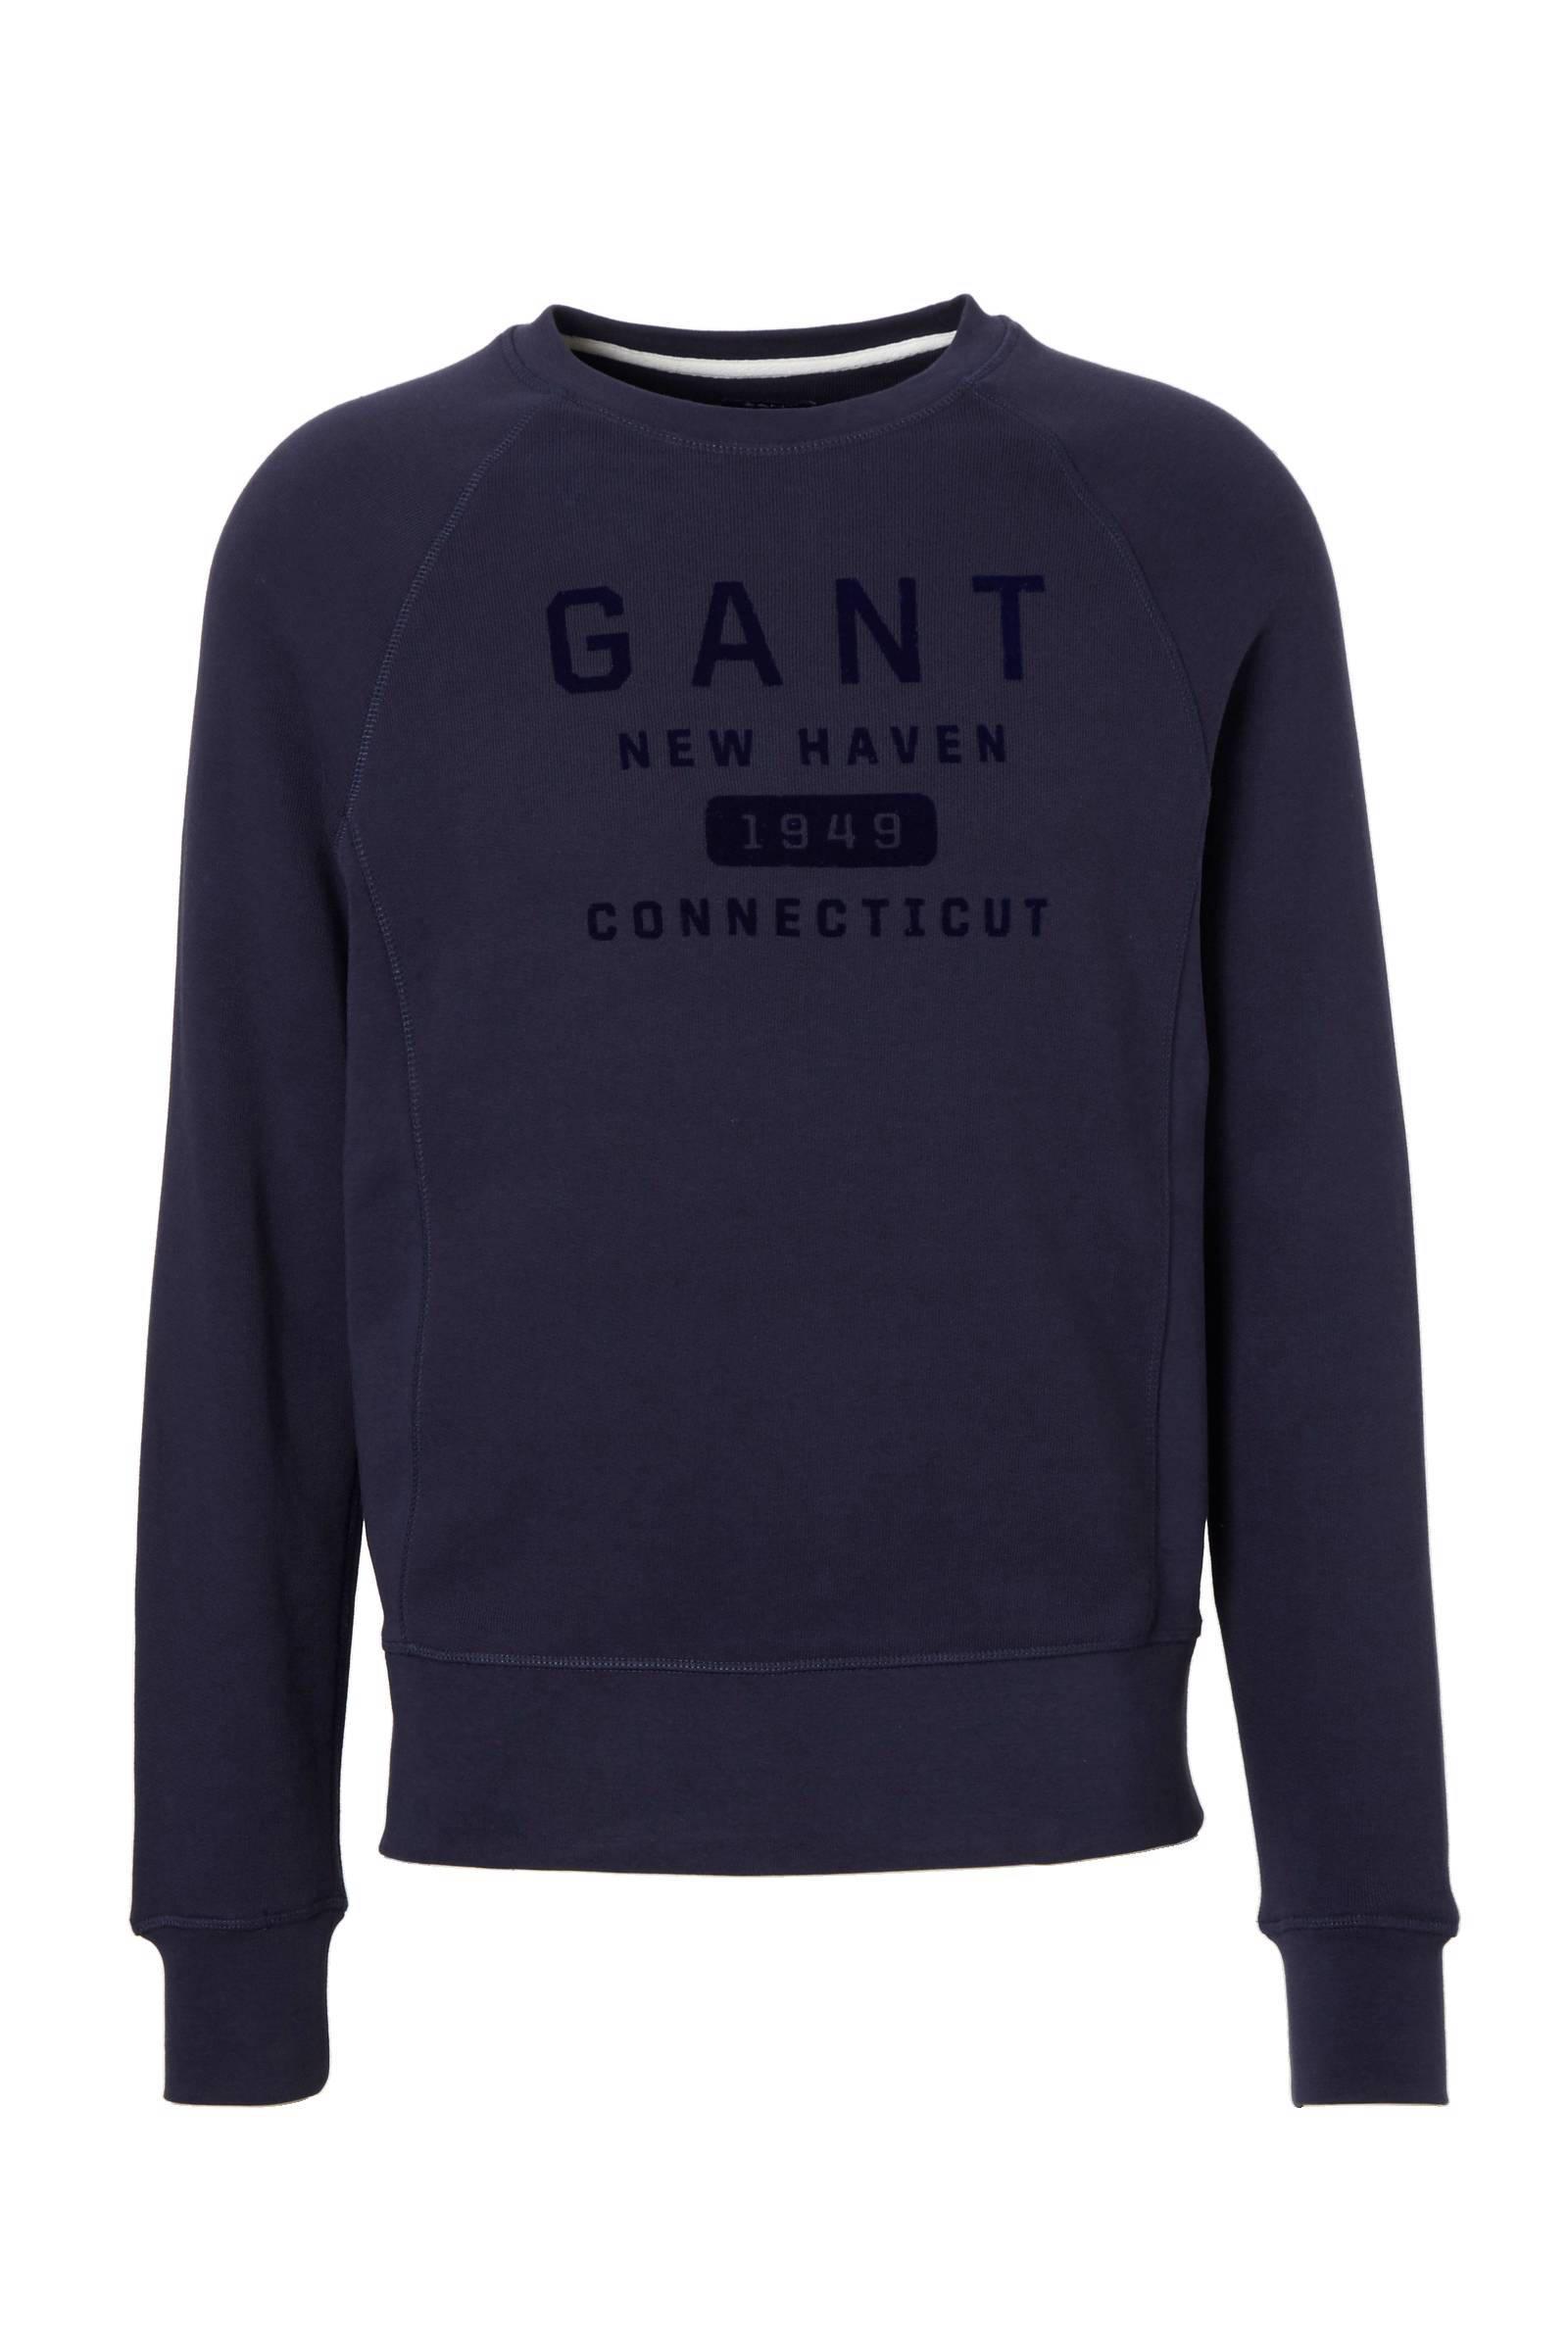 GANT sweater witroodblauwmarineoranje | wehkamp